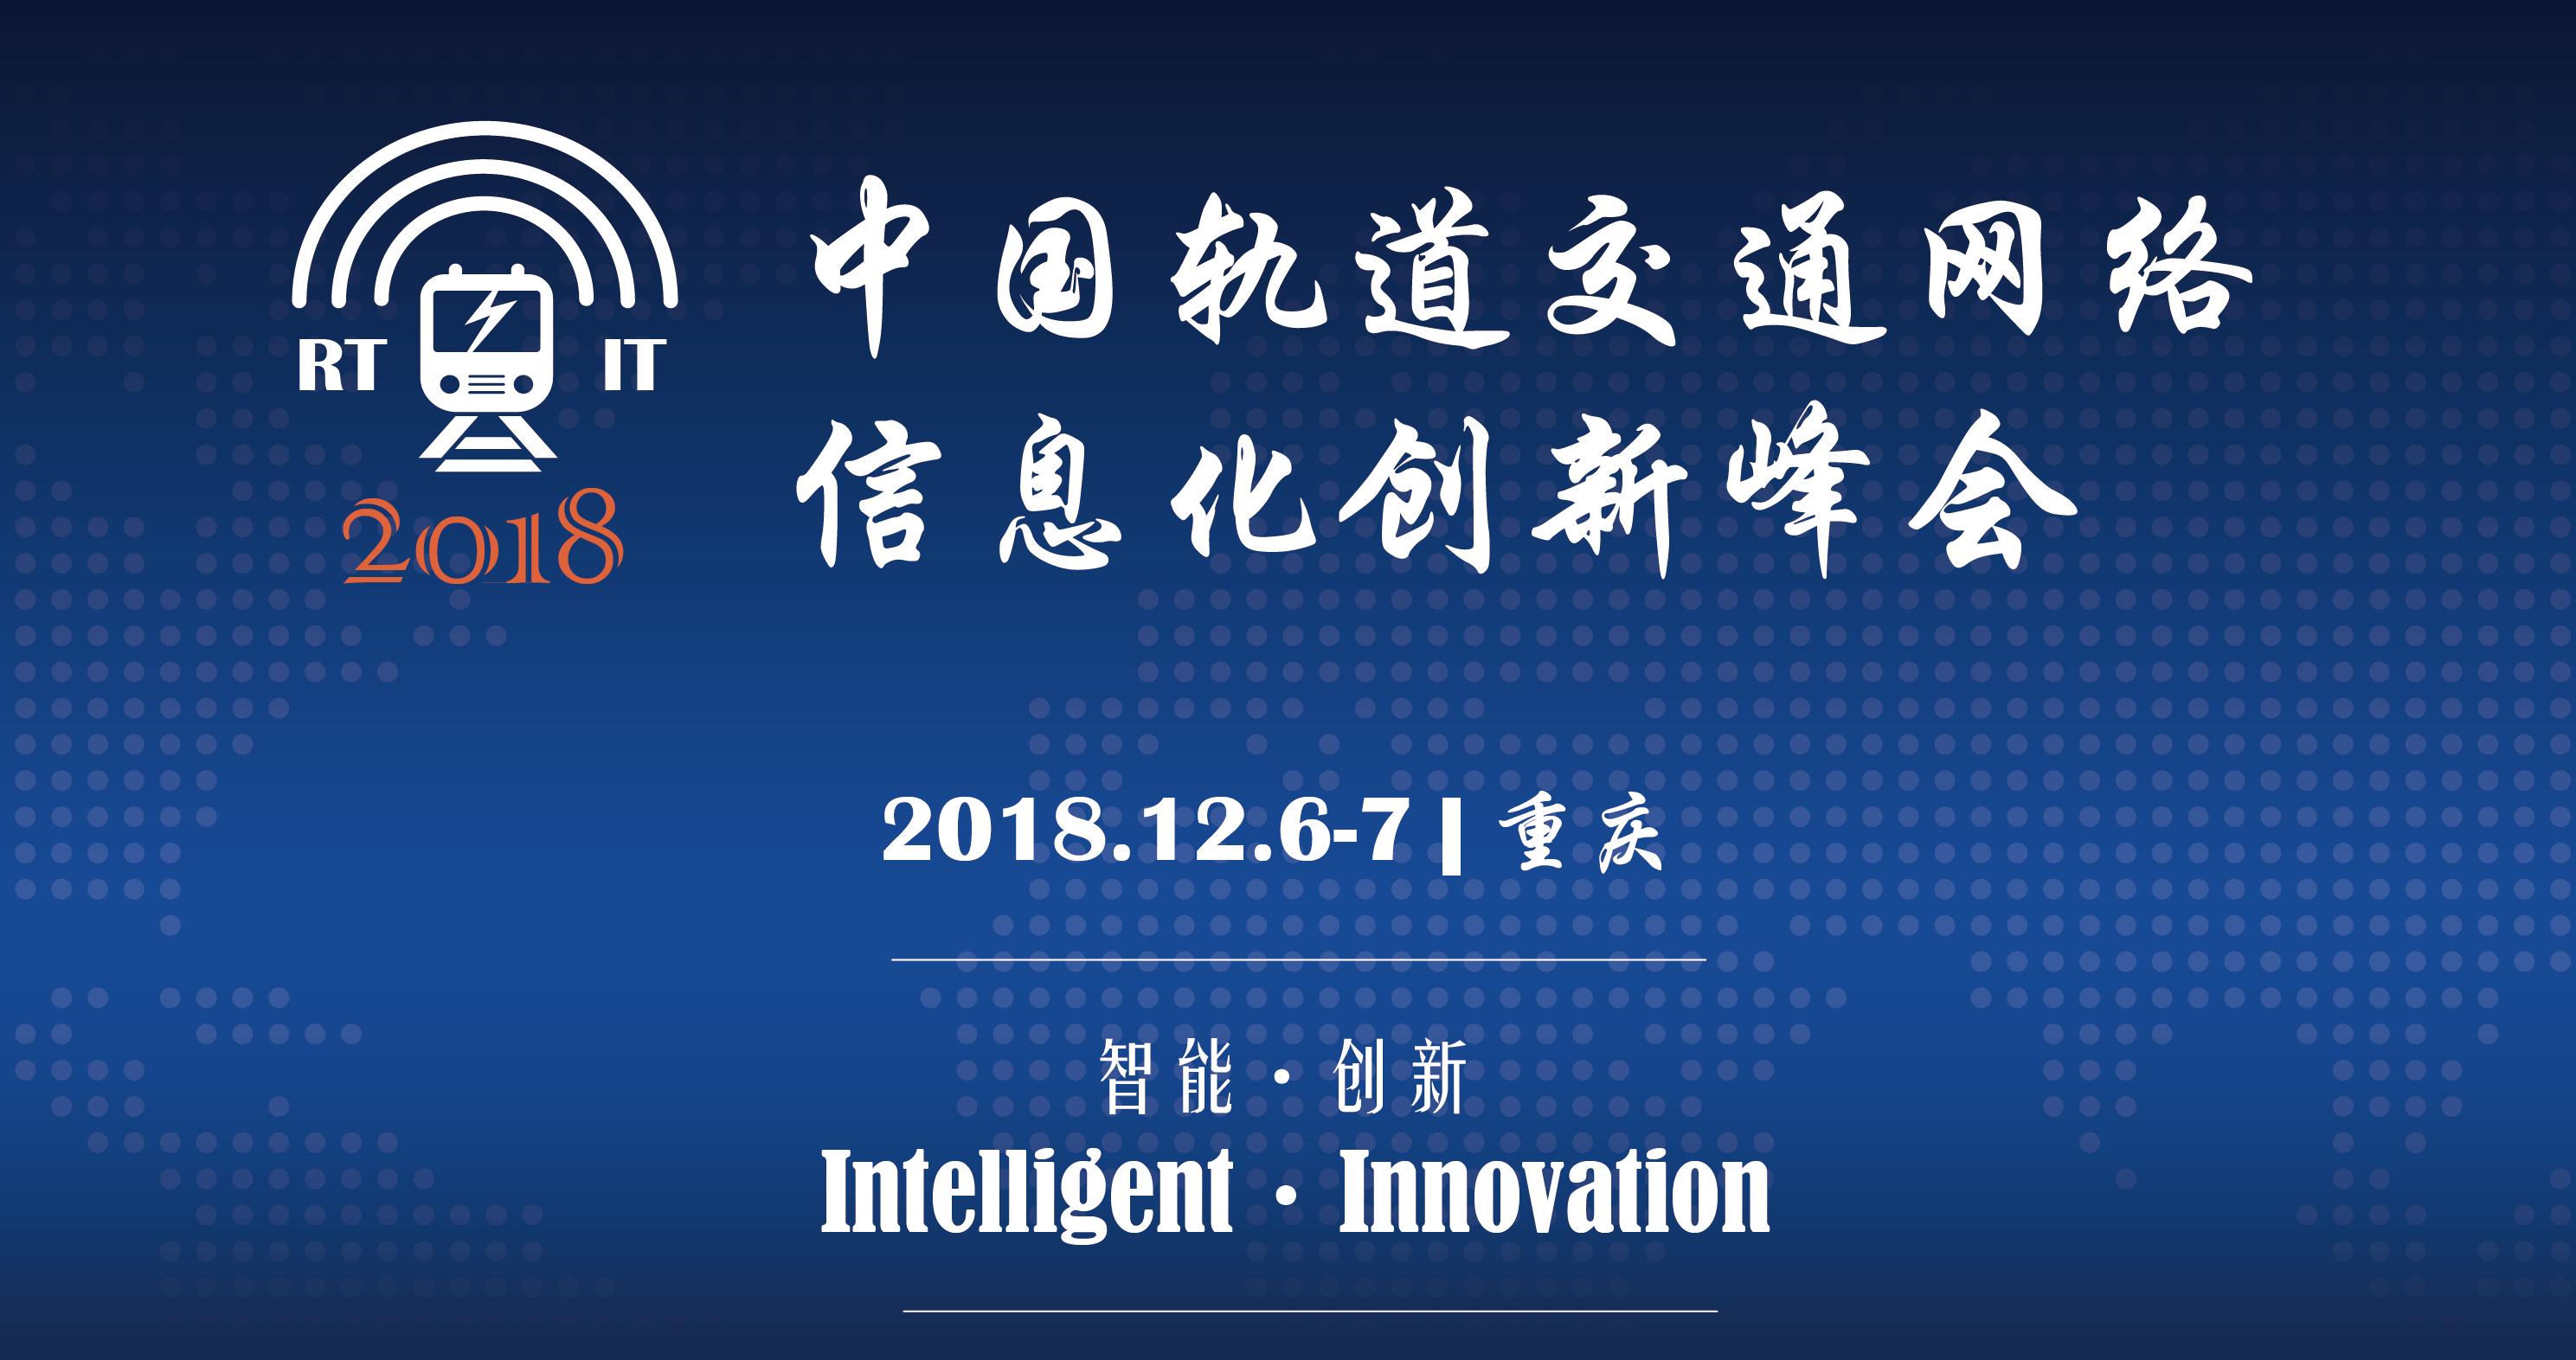 中国轨道交通网络信息化创新峰会2018